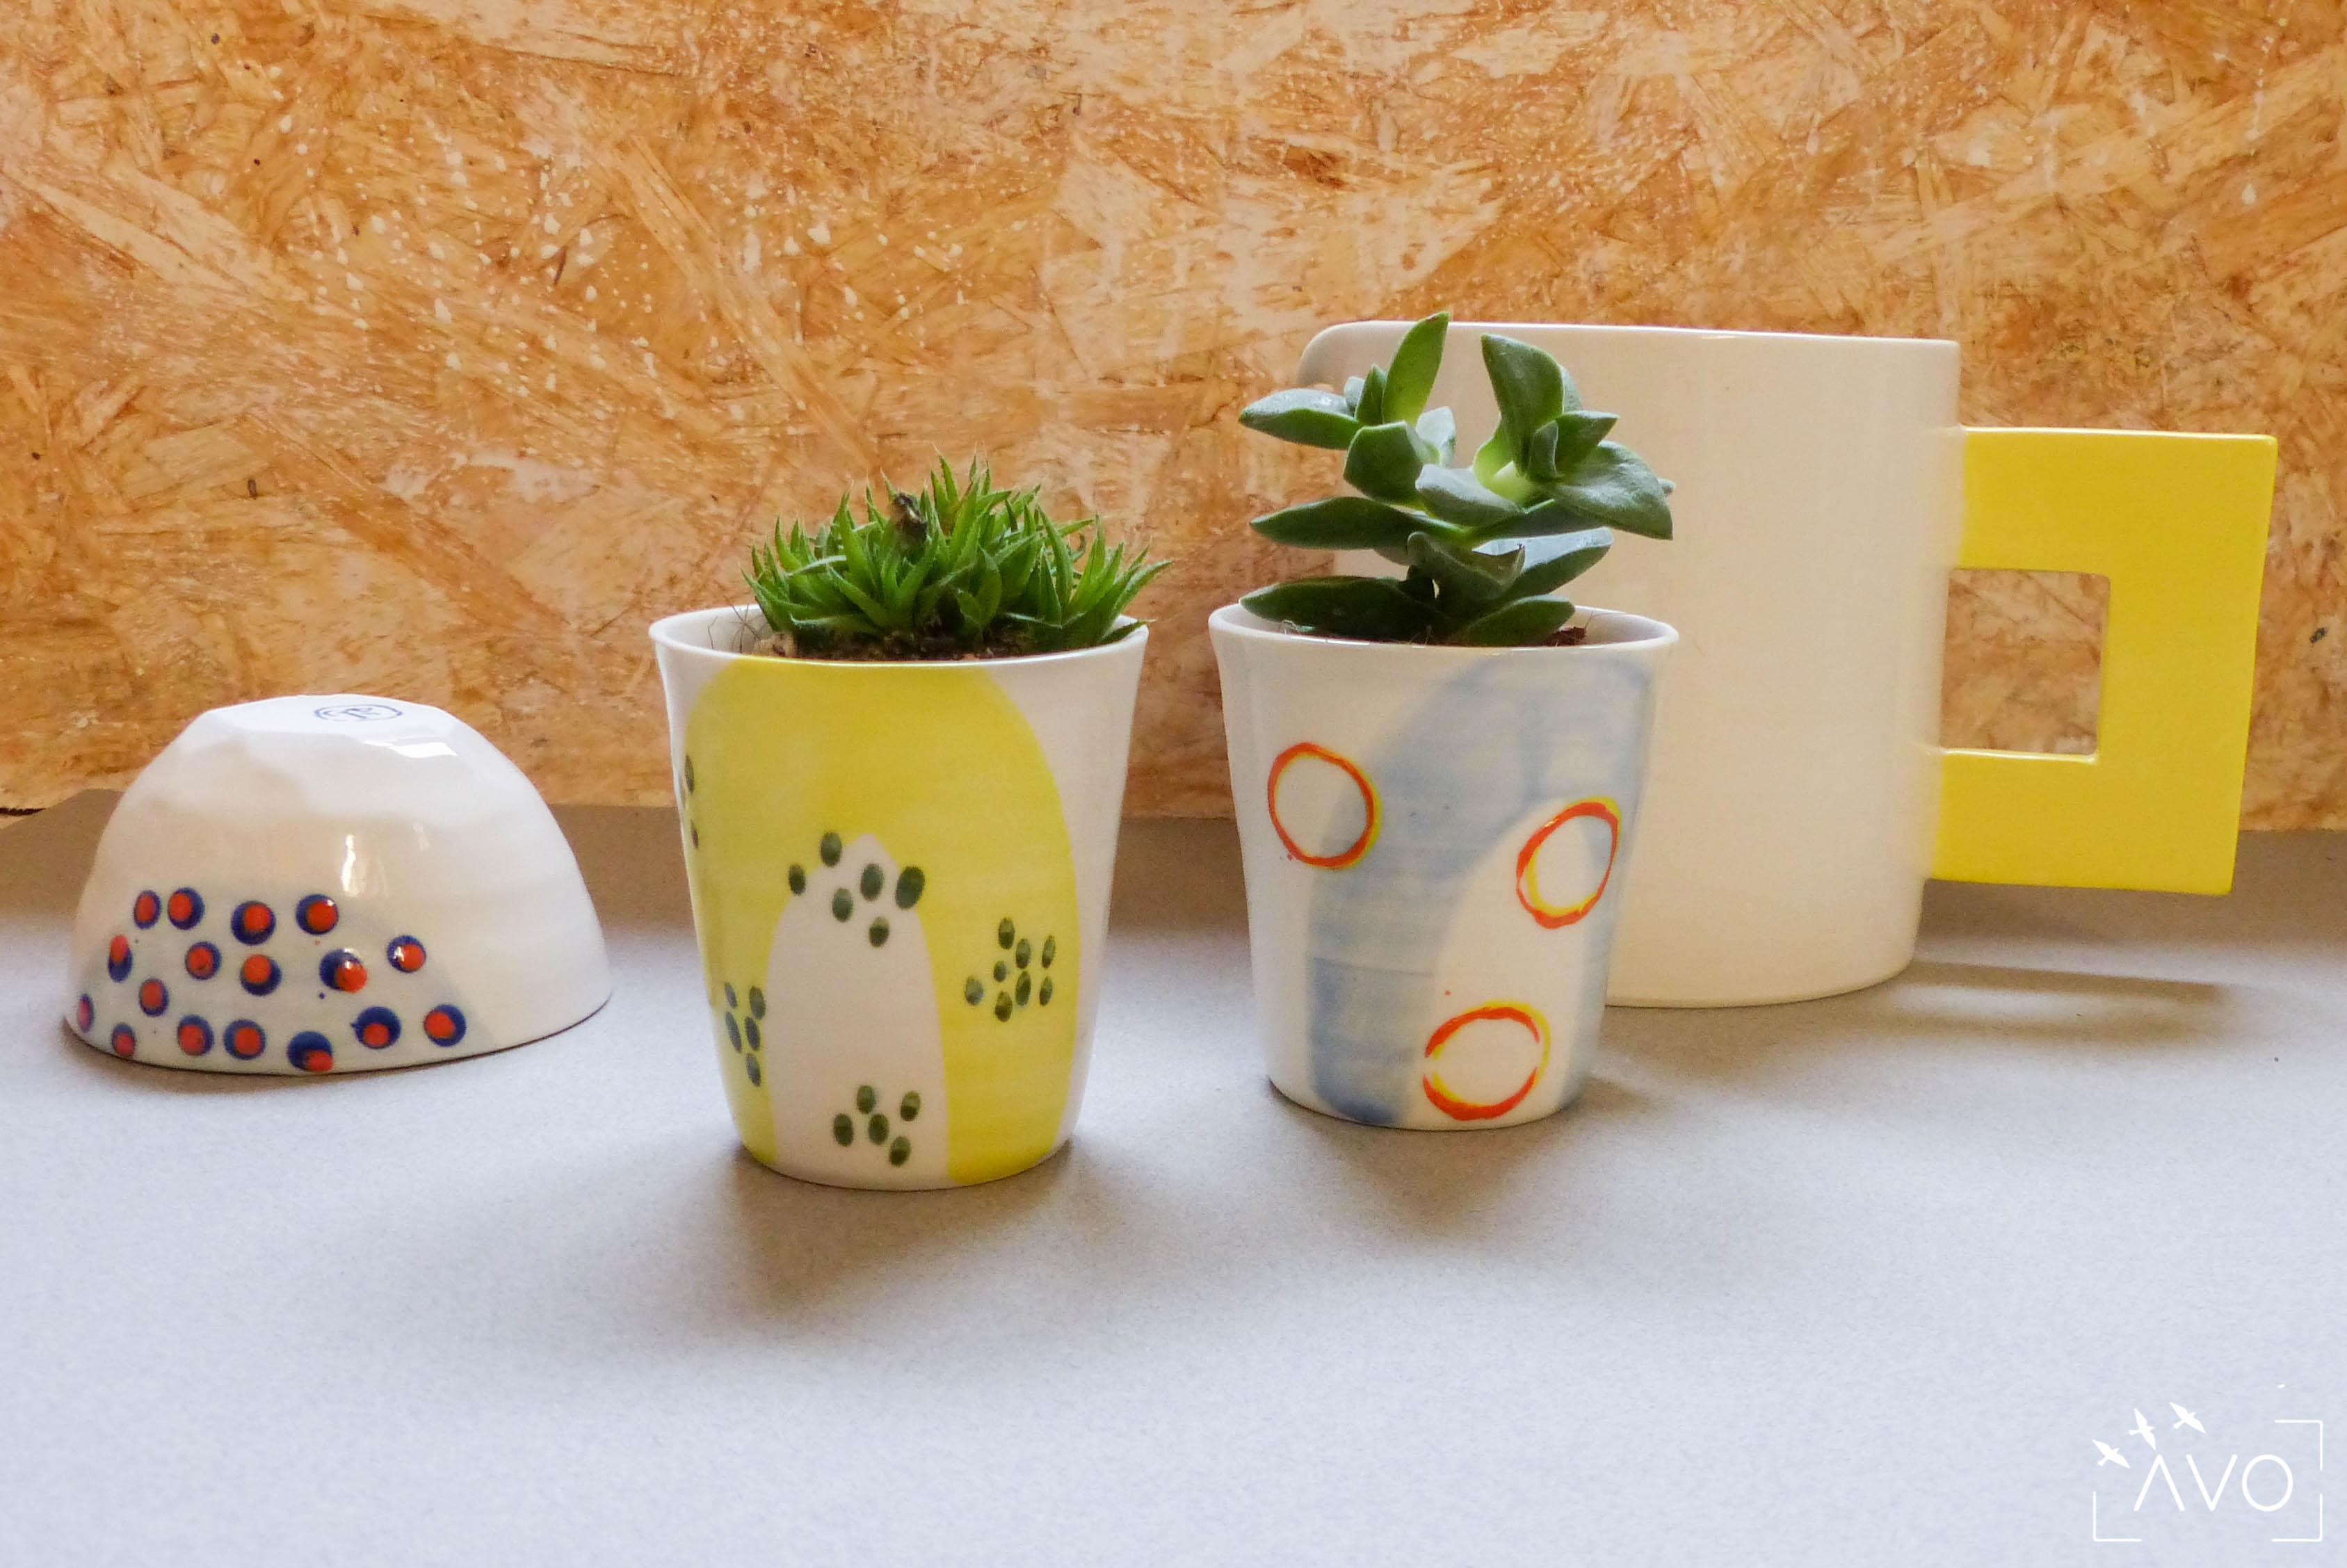 céramique tasse pois porcelaine caluire lyon abcéramique atelier blanc couleur rond pois trace